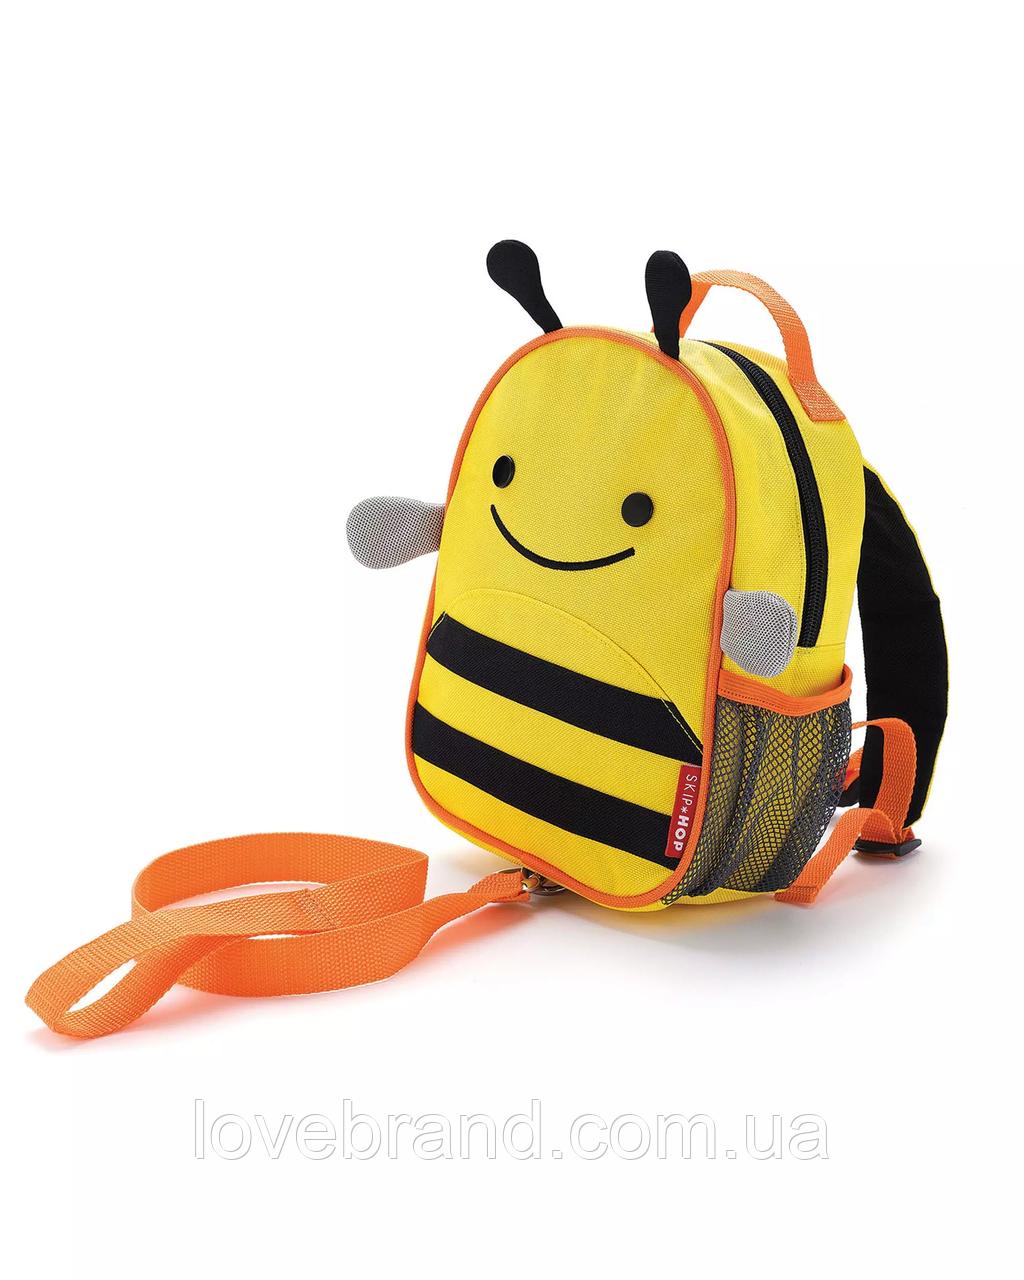 """Рюкзак для малыша SkipHop """"Пчелка"""" с поводком, рюкзачок  Скип Хоп"""